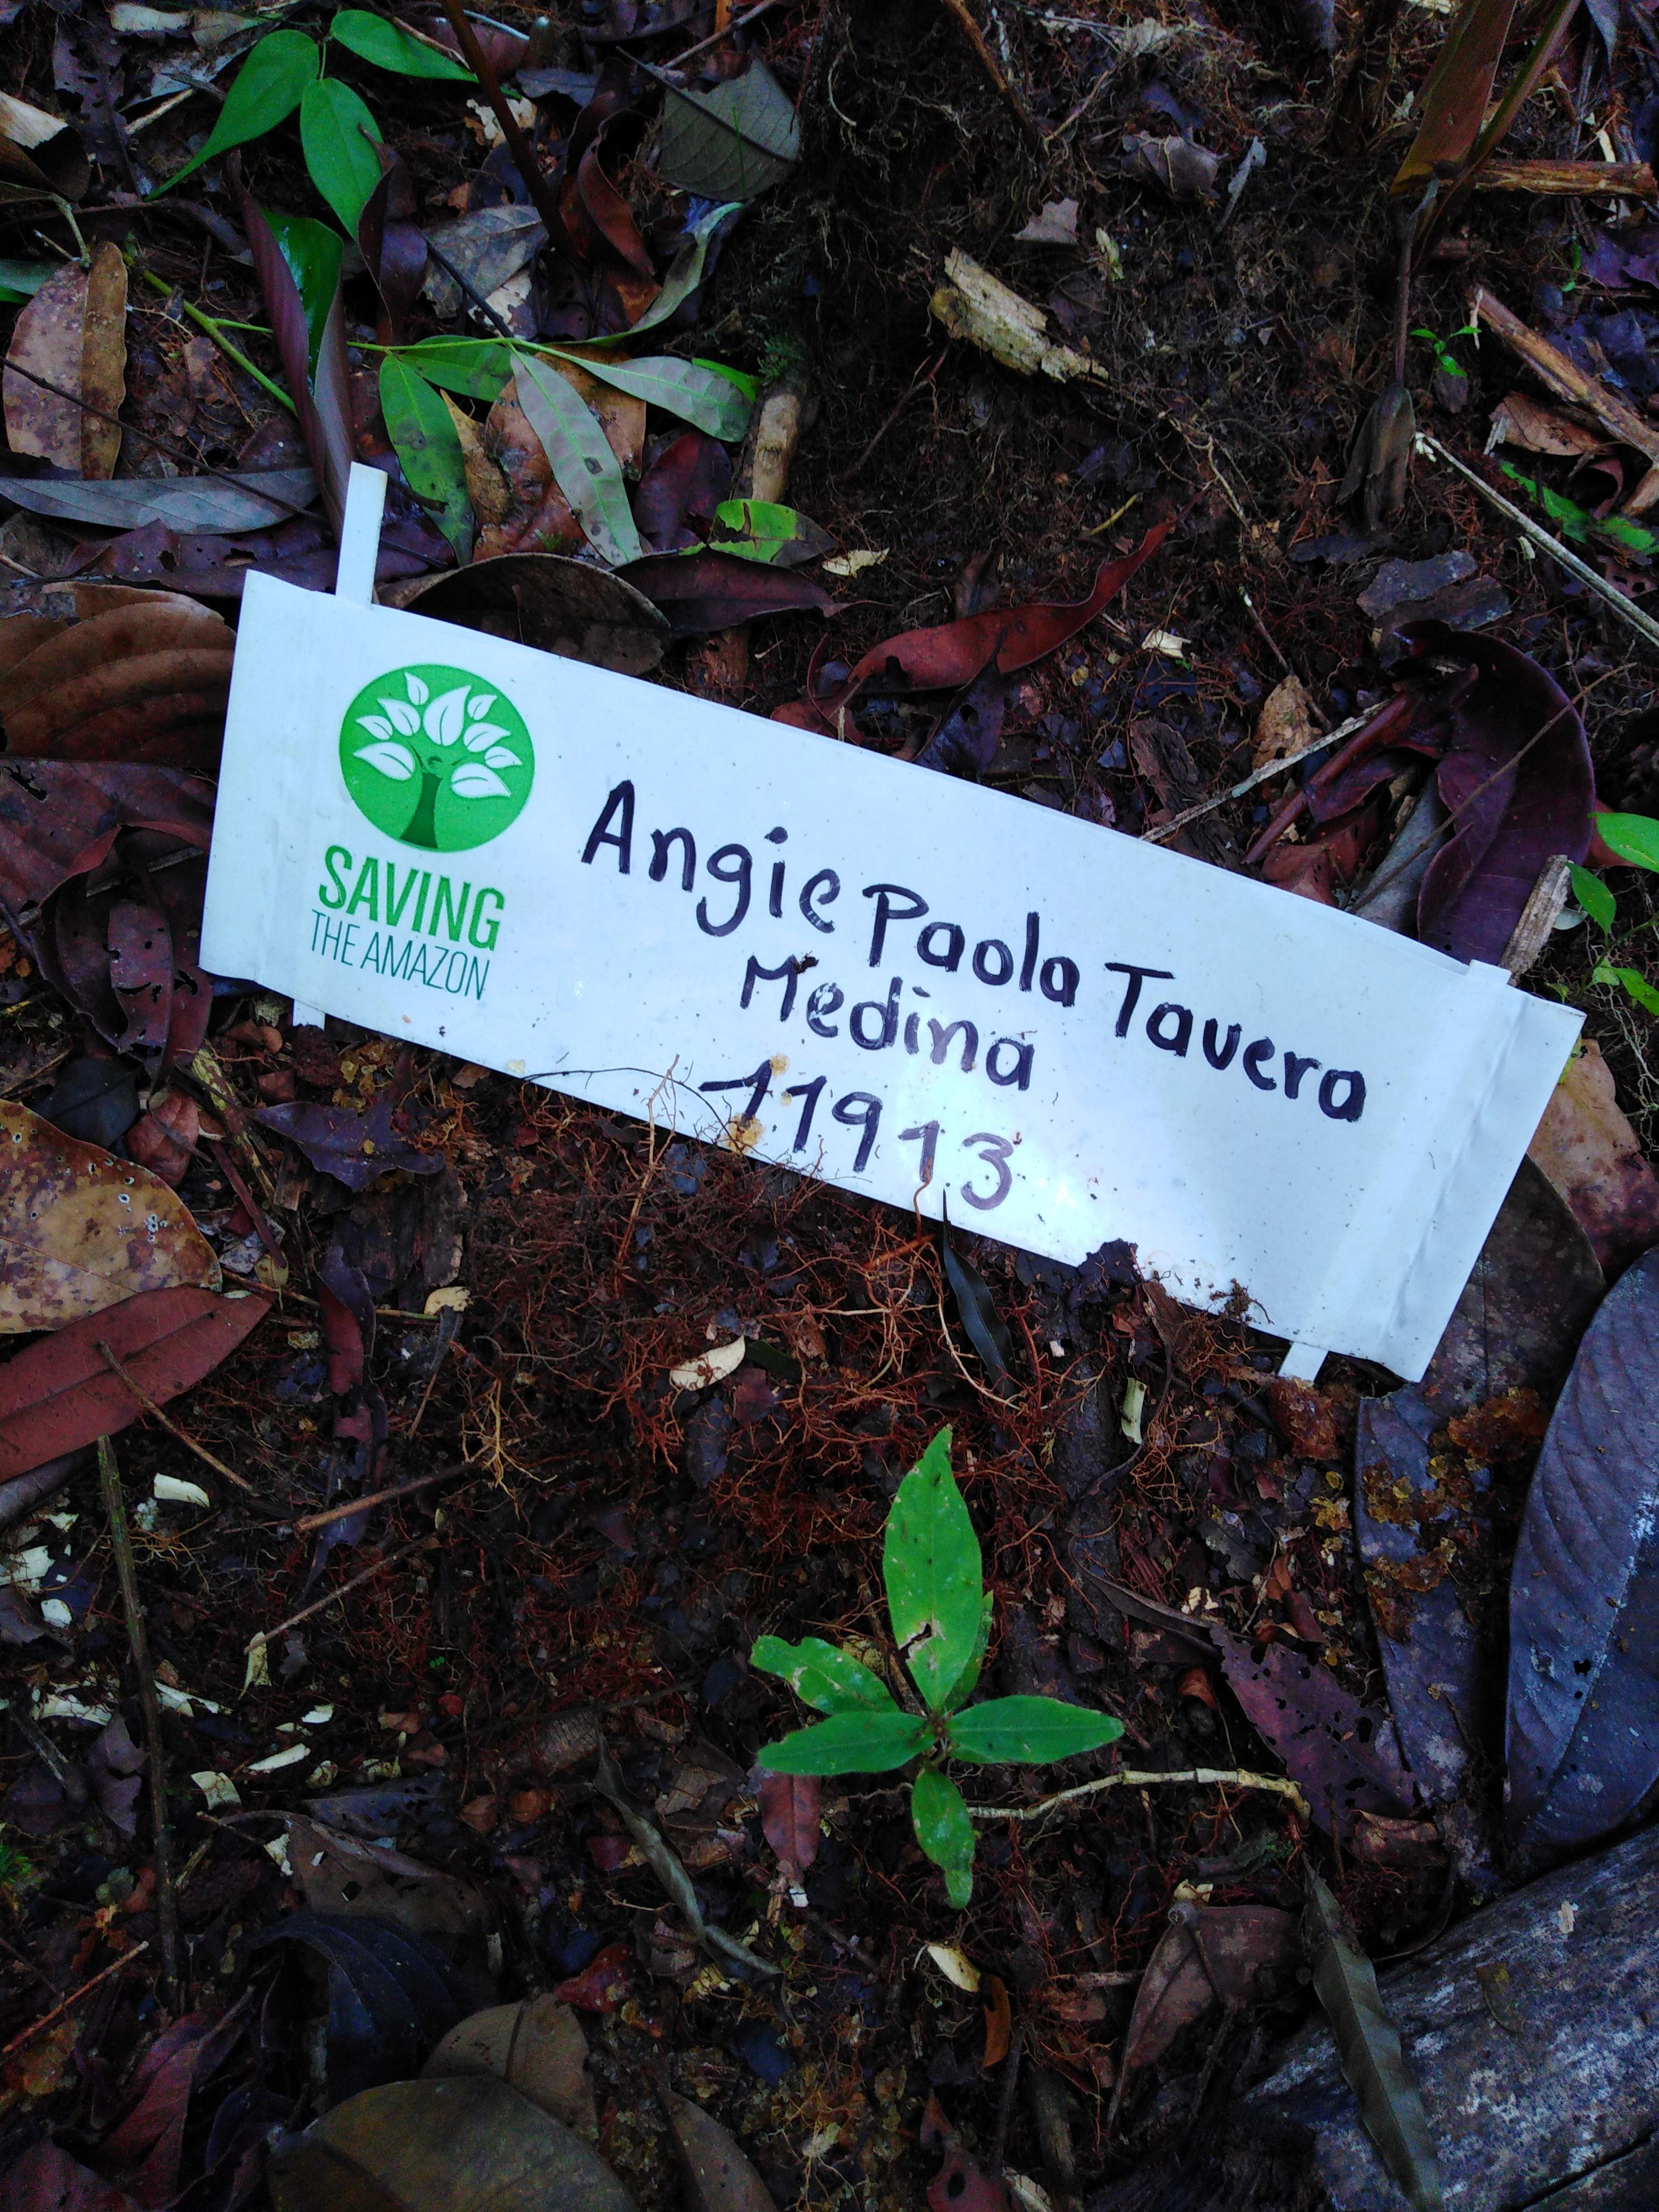 Angie paola Tavera Medina